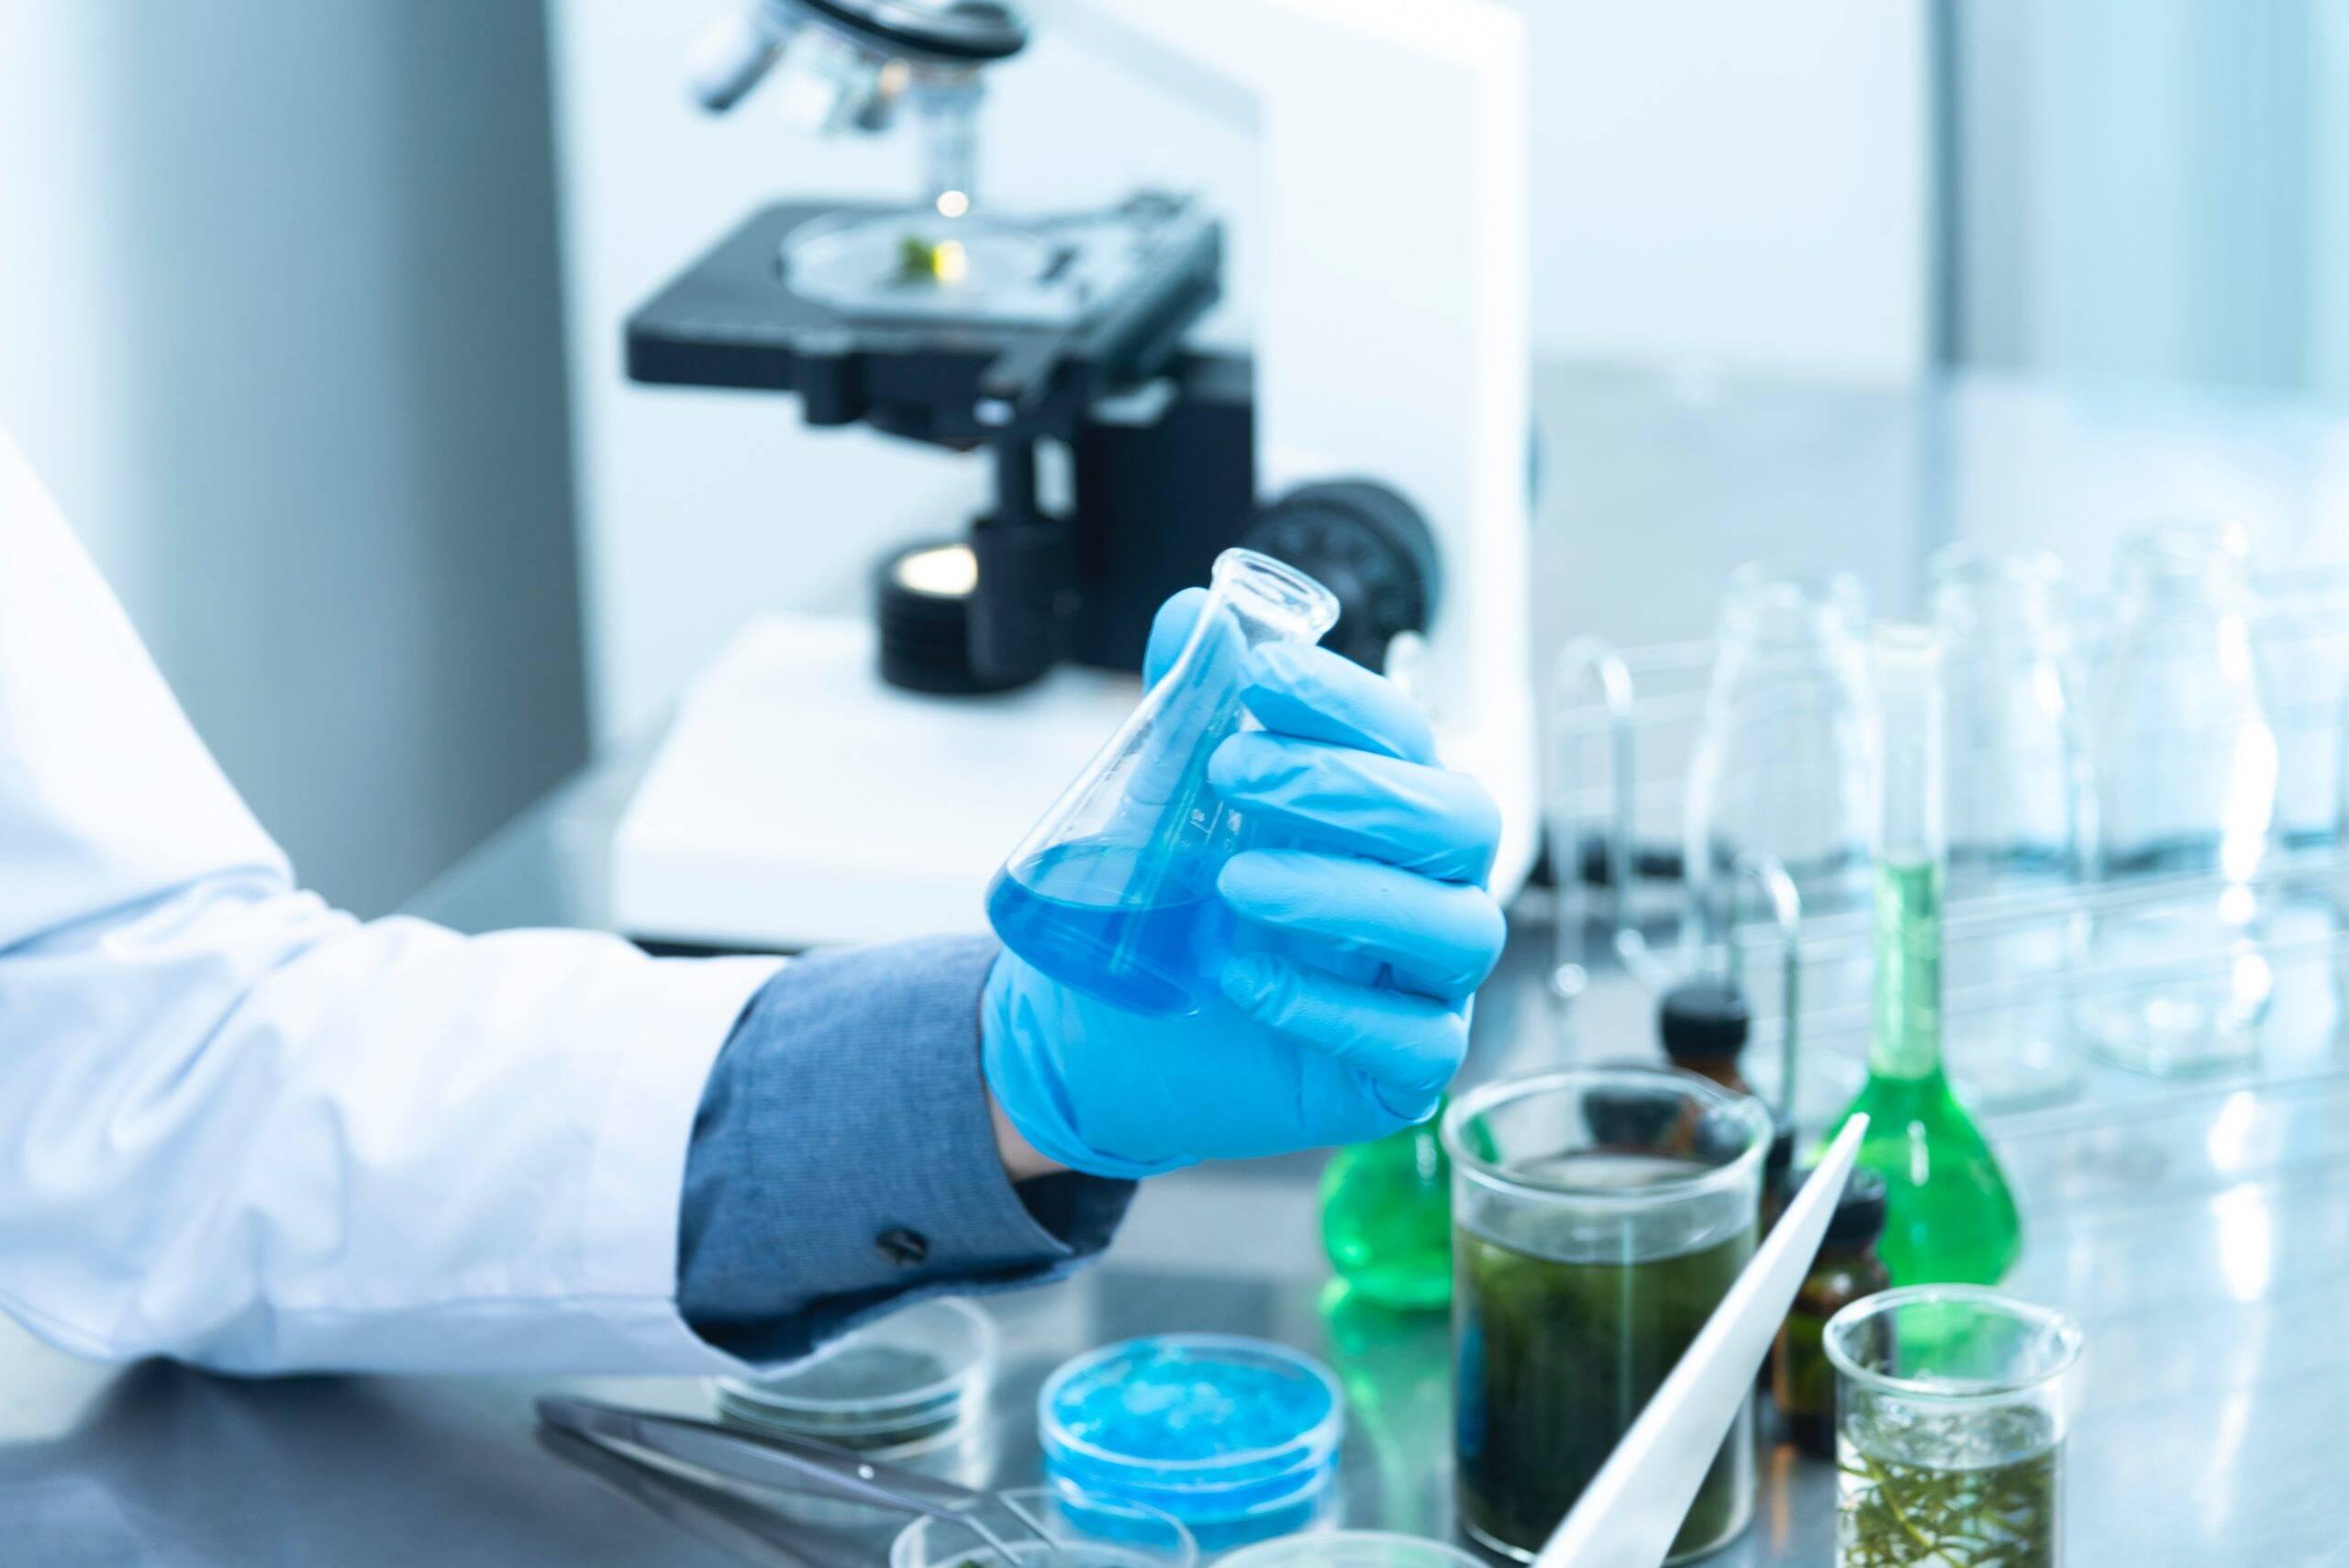 O imunizante chamado Clover é fabricado pela Sichuan Clover Biopharmaceutical, uma empresa da China. (Foto: Pexels)